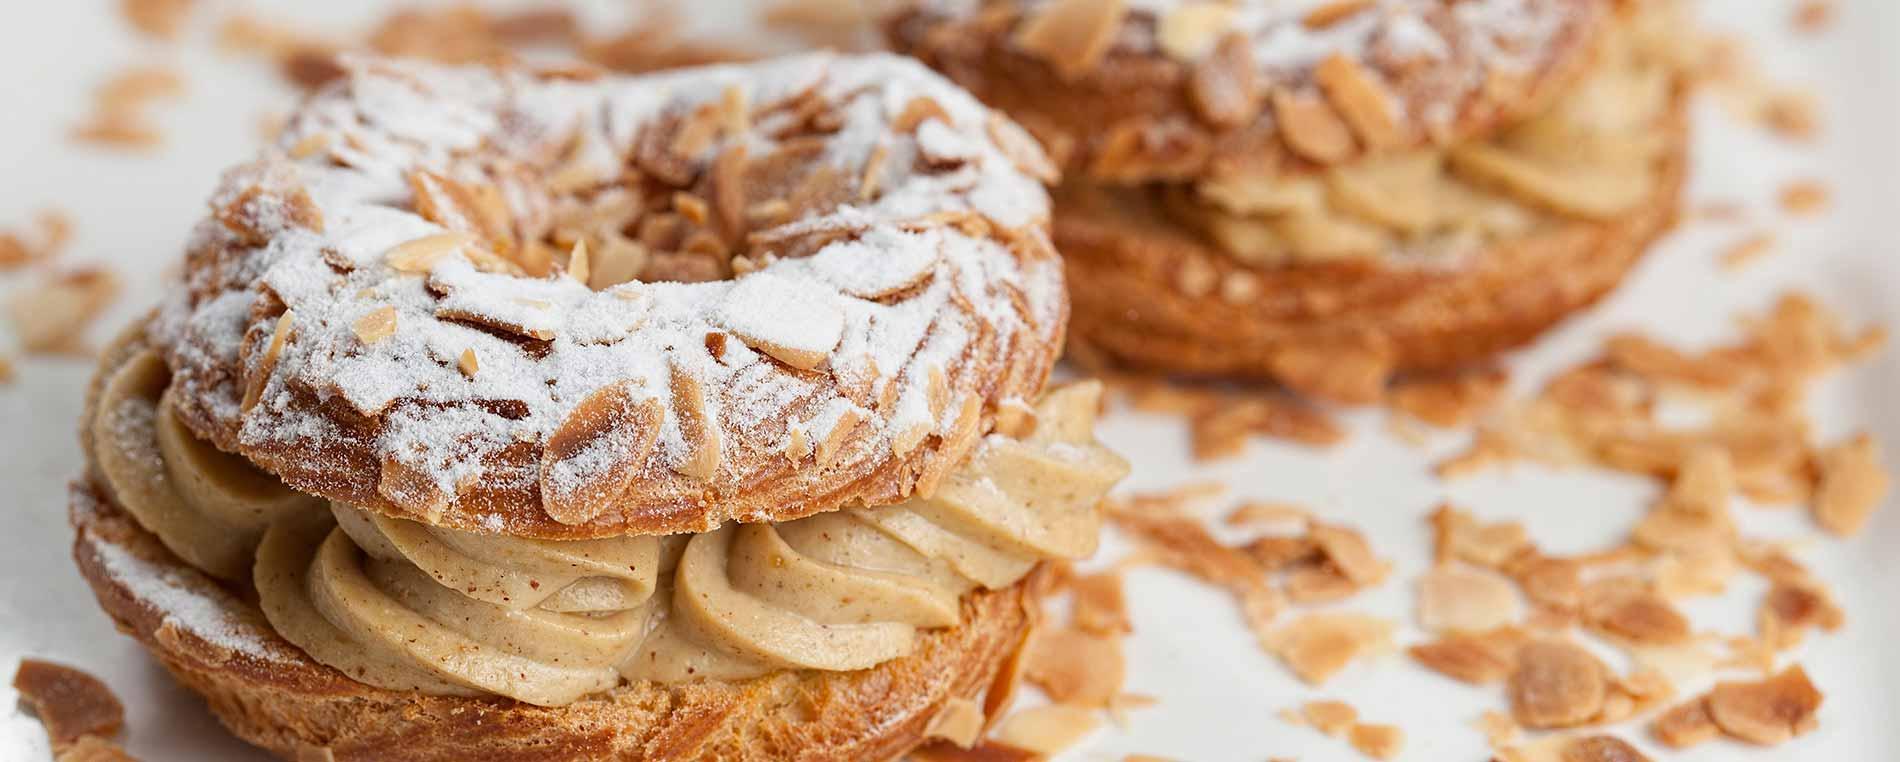 Le Paris-Brest, une pâtisserie mythique !